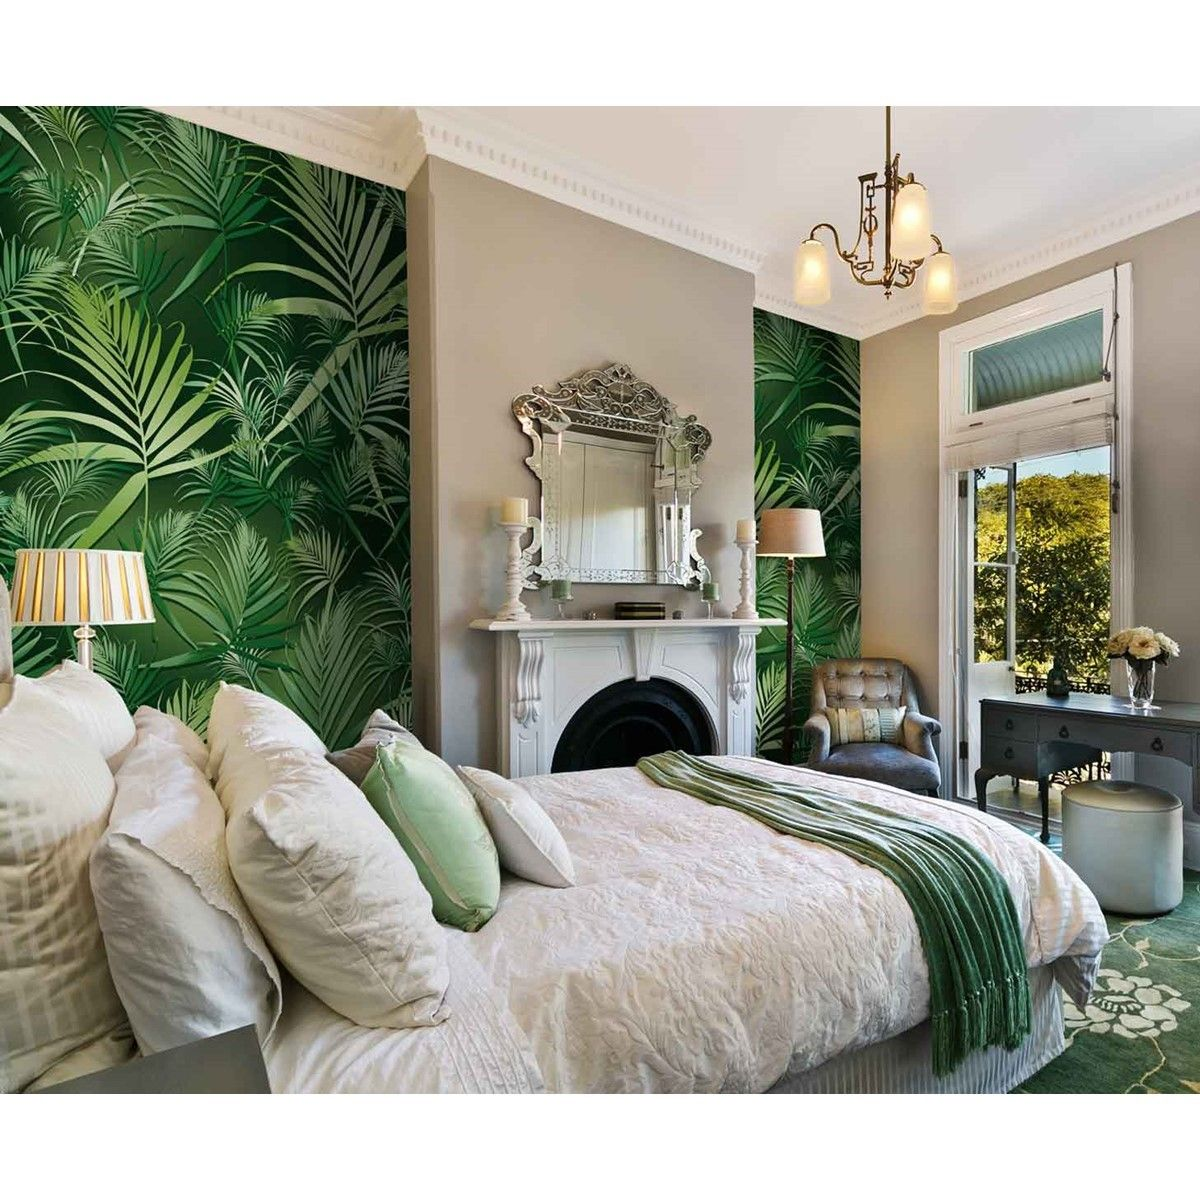 Épinglé par Karla Moya sur Jungle home  Déco chambre vert